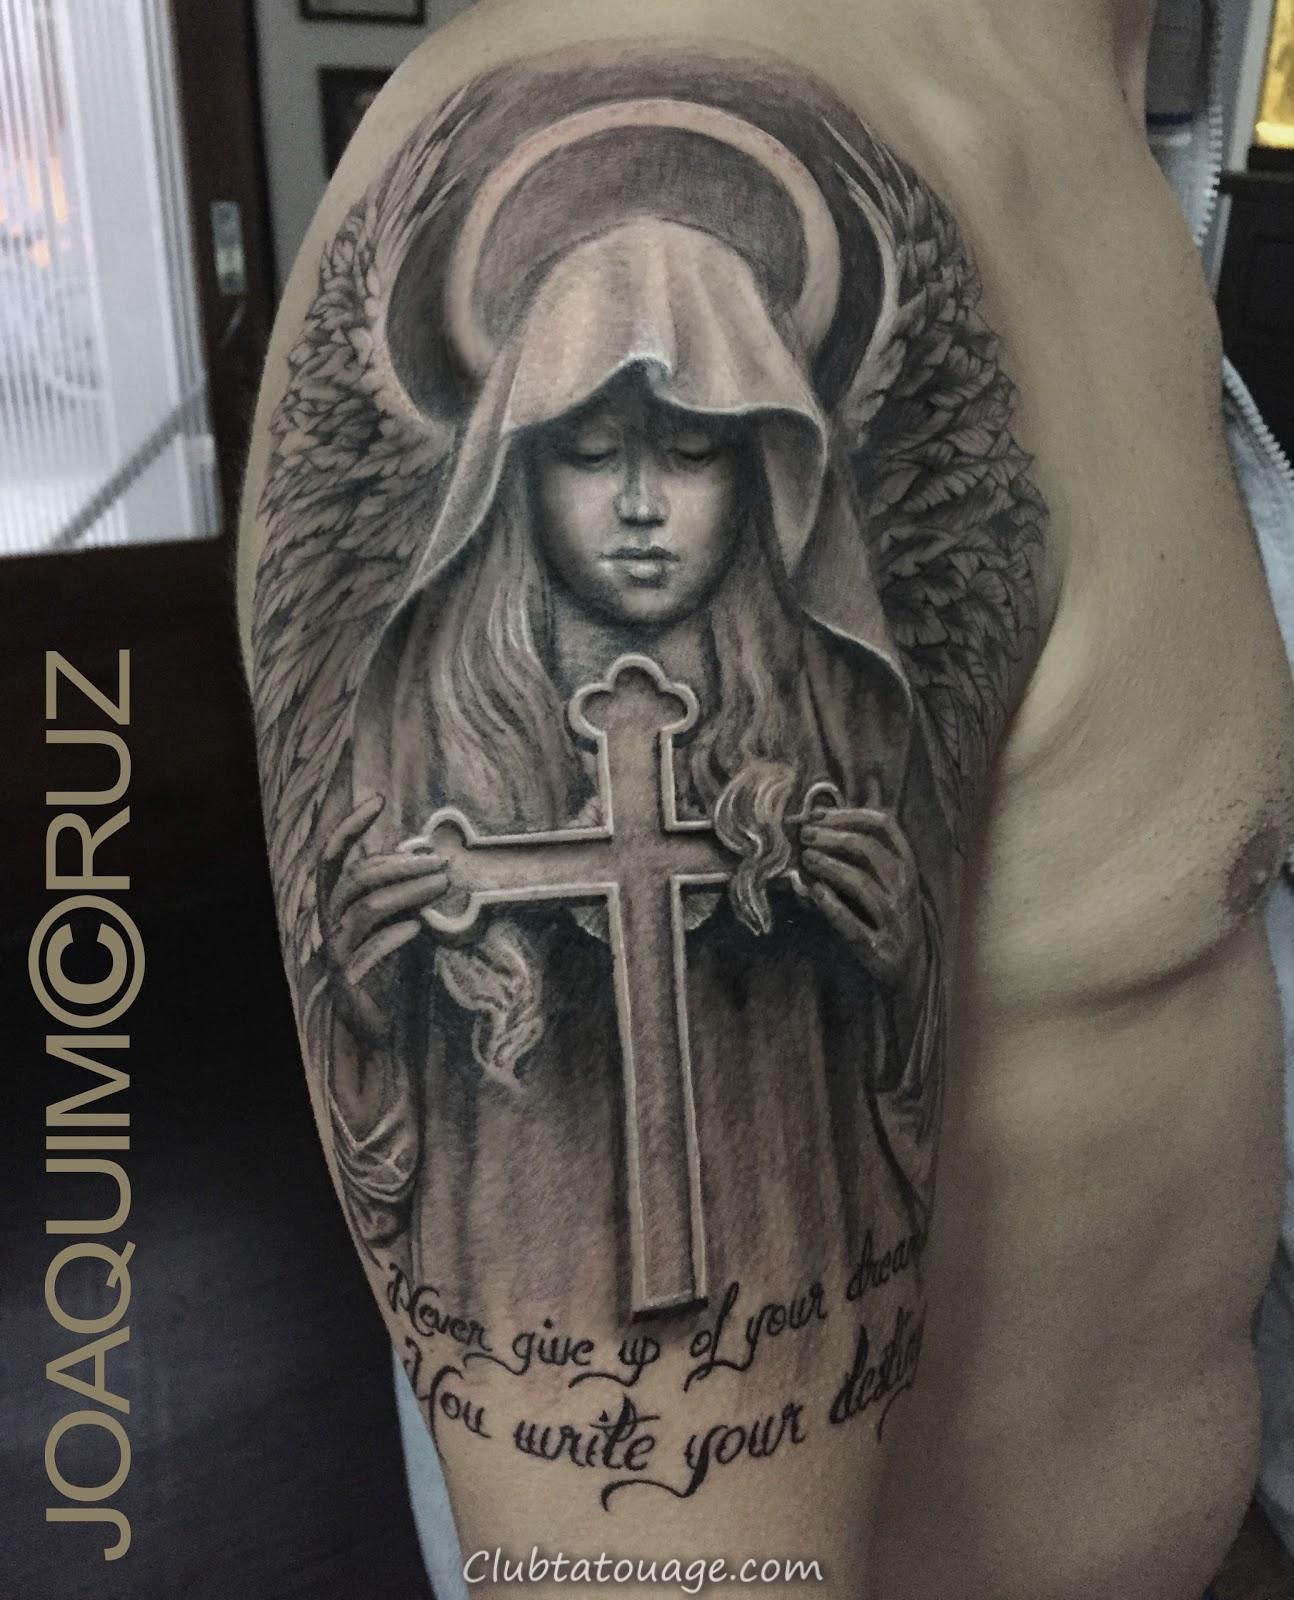 voir tatouage d'un ange gardien, est un tatouage réaliste dans les tons gris